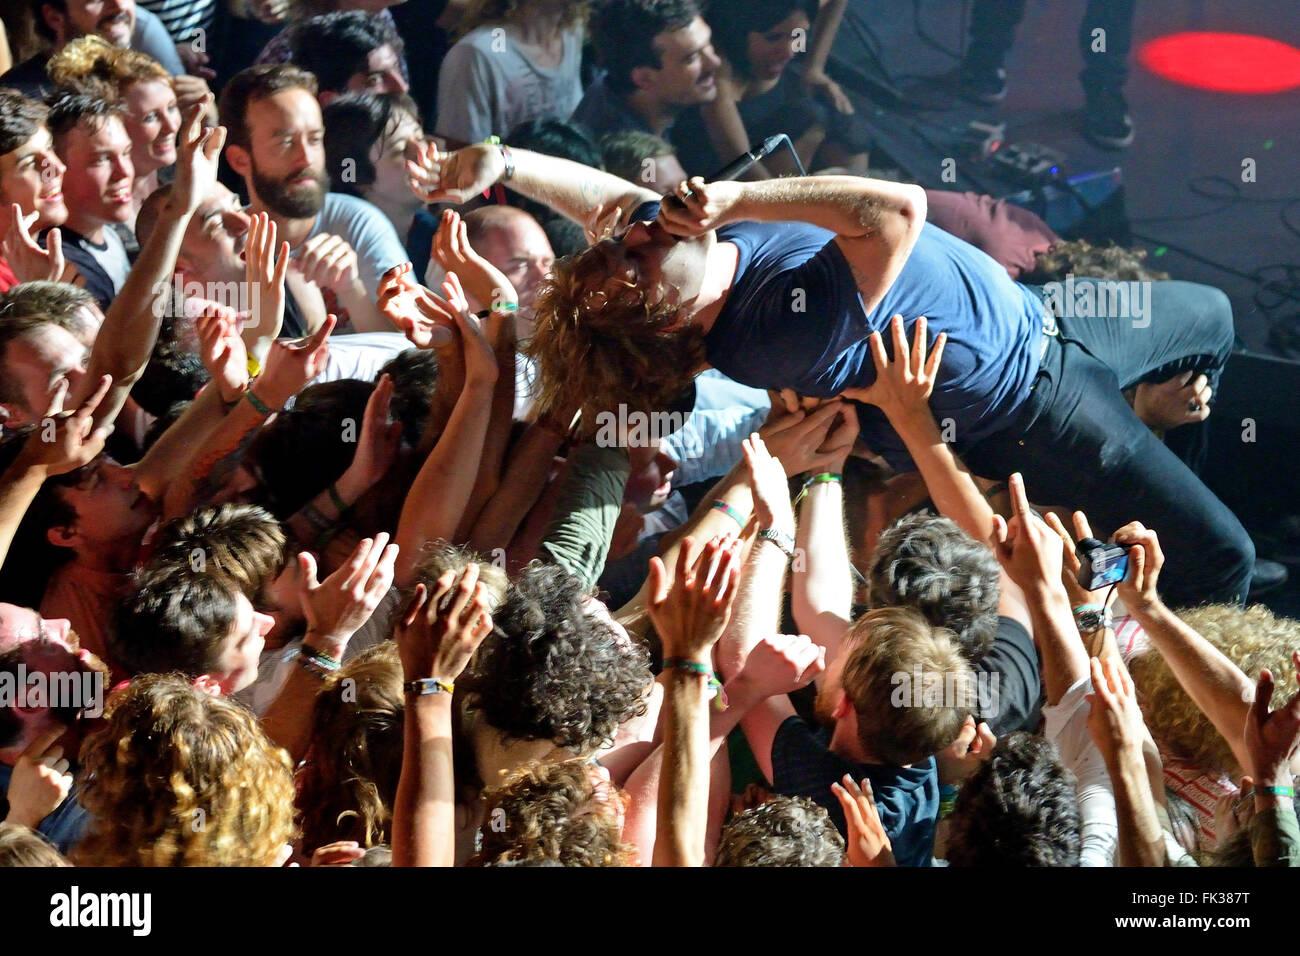 BARCELONA - 30 Mai: Der Gitarrist Ty Segall (Band) führt über die Zuschauer (Crowdsurfing oder Mosh Pit). Stockbild